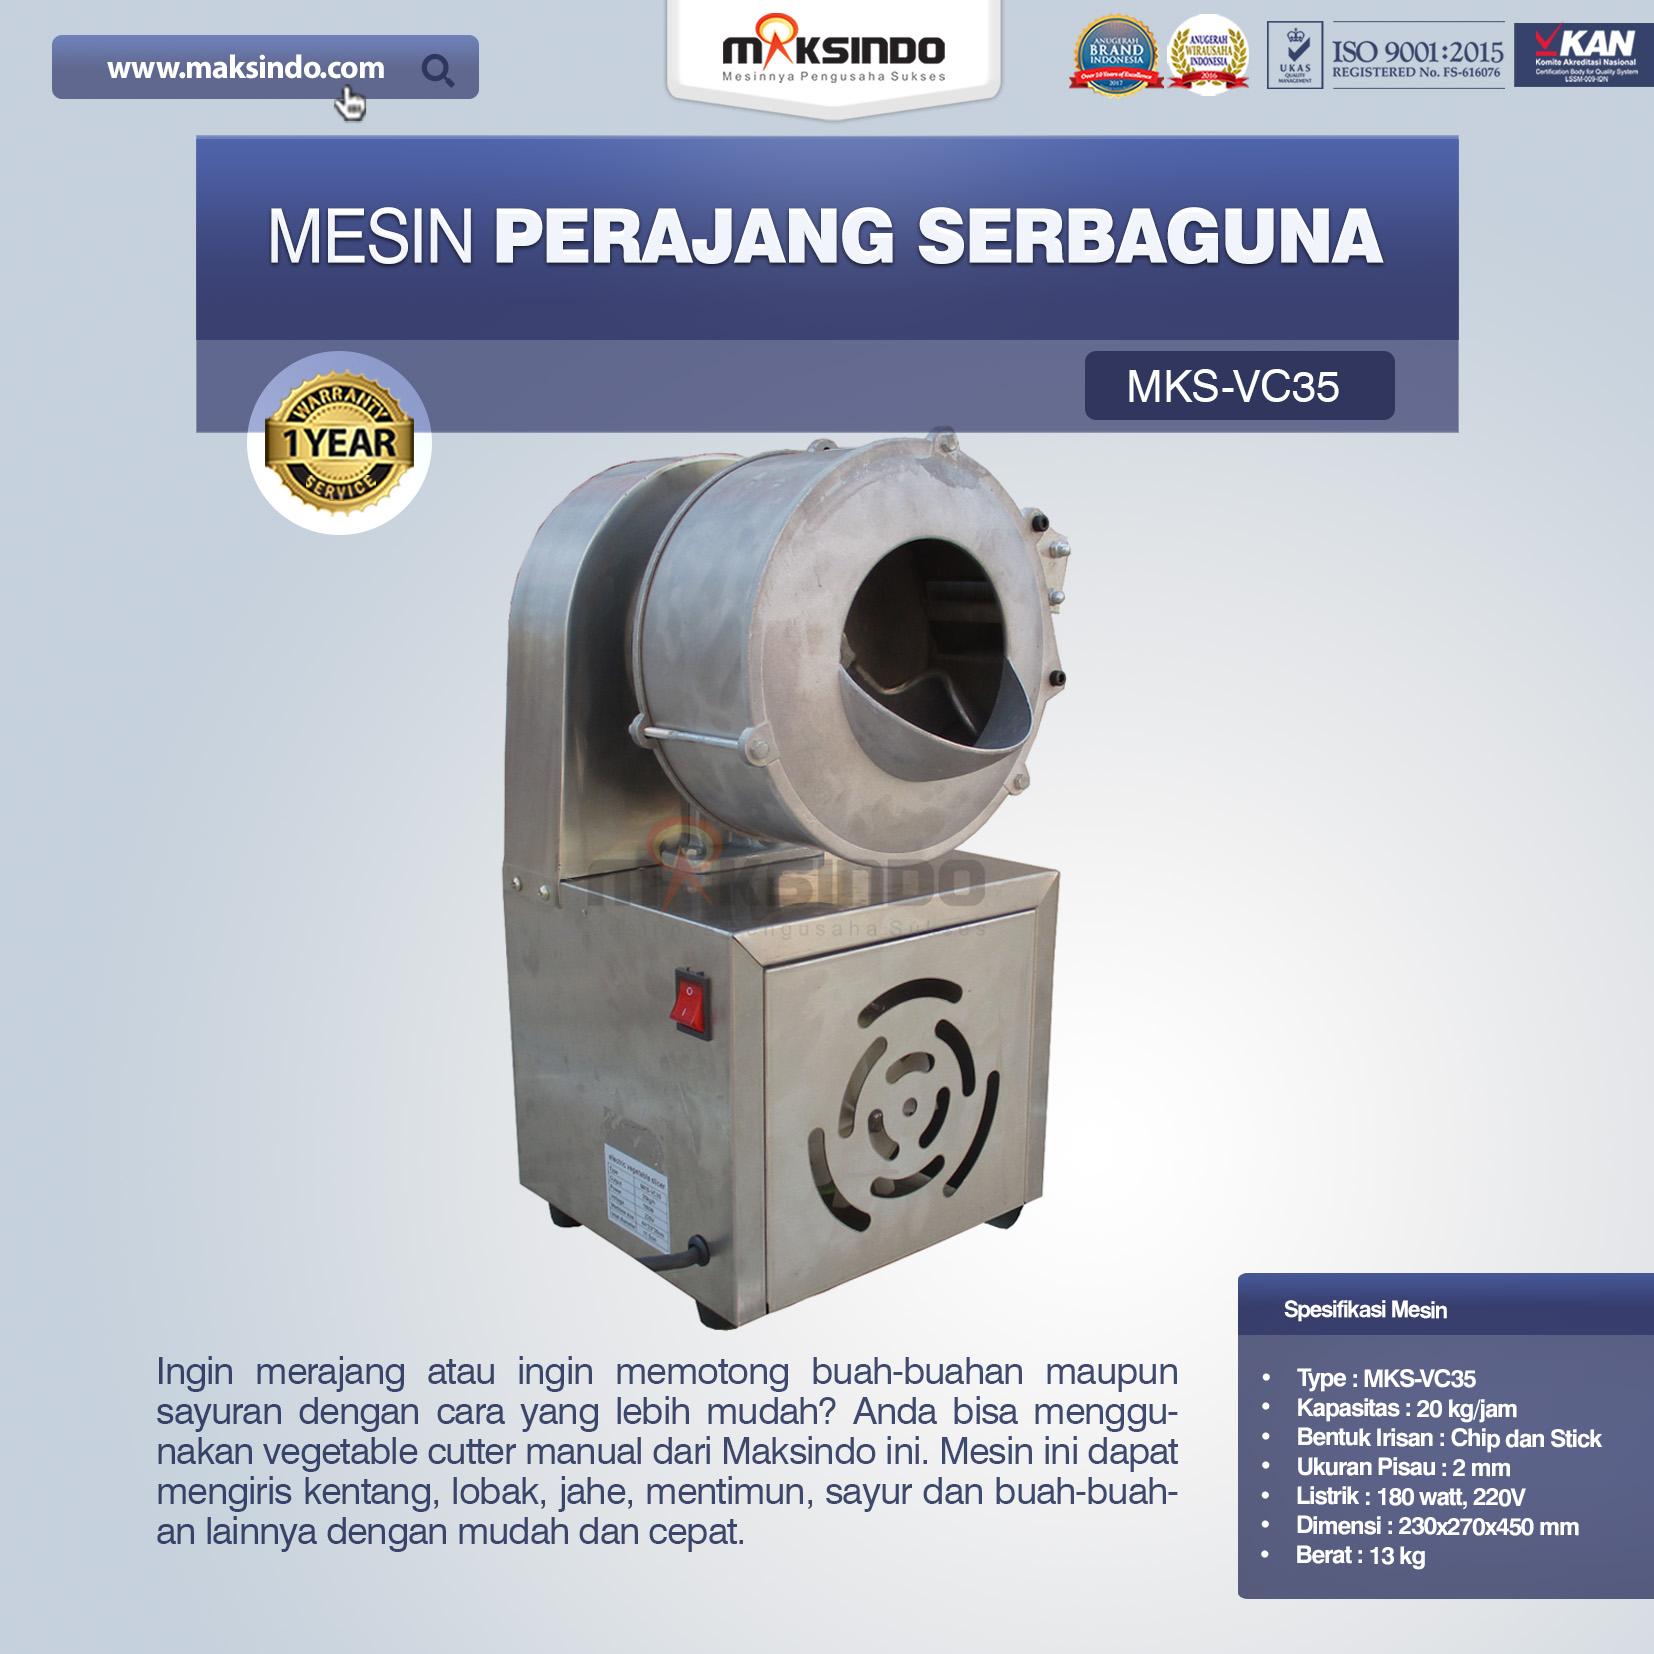 Jual Mesin Perajang SerbagunaMKS-VC35 di Bandung